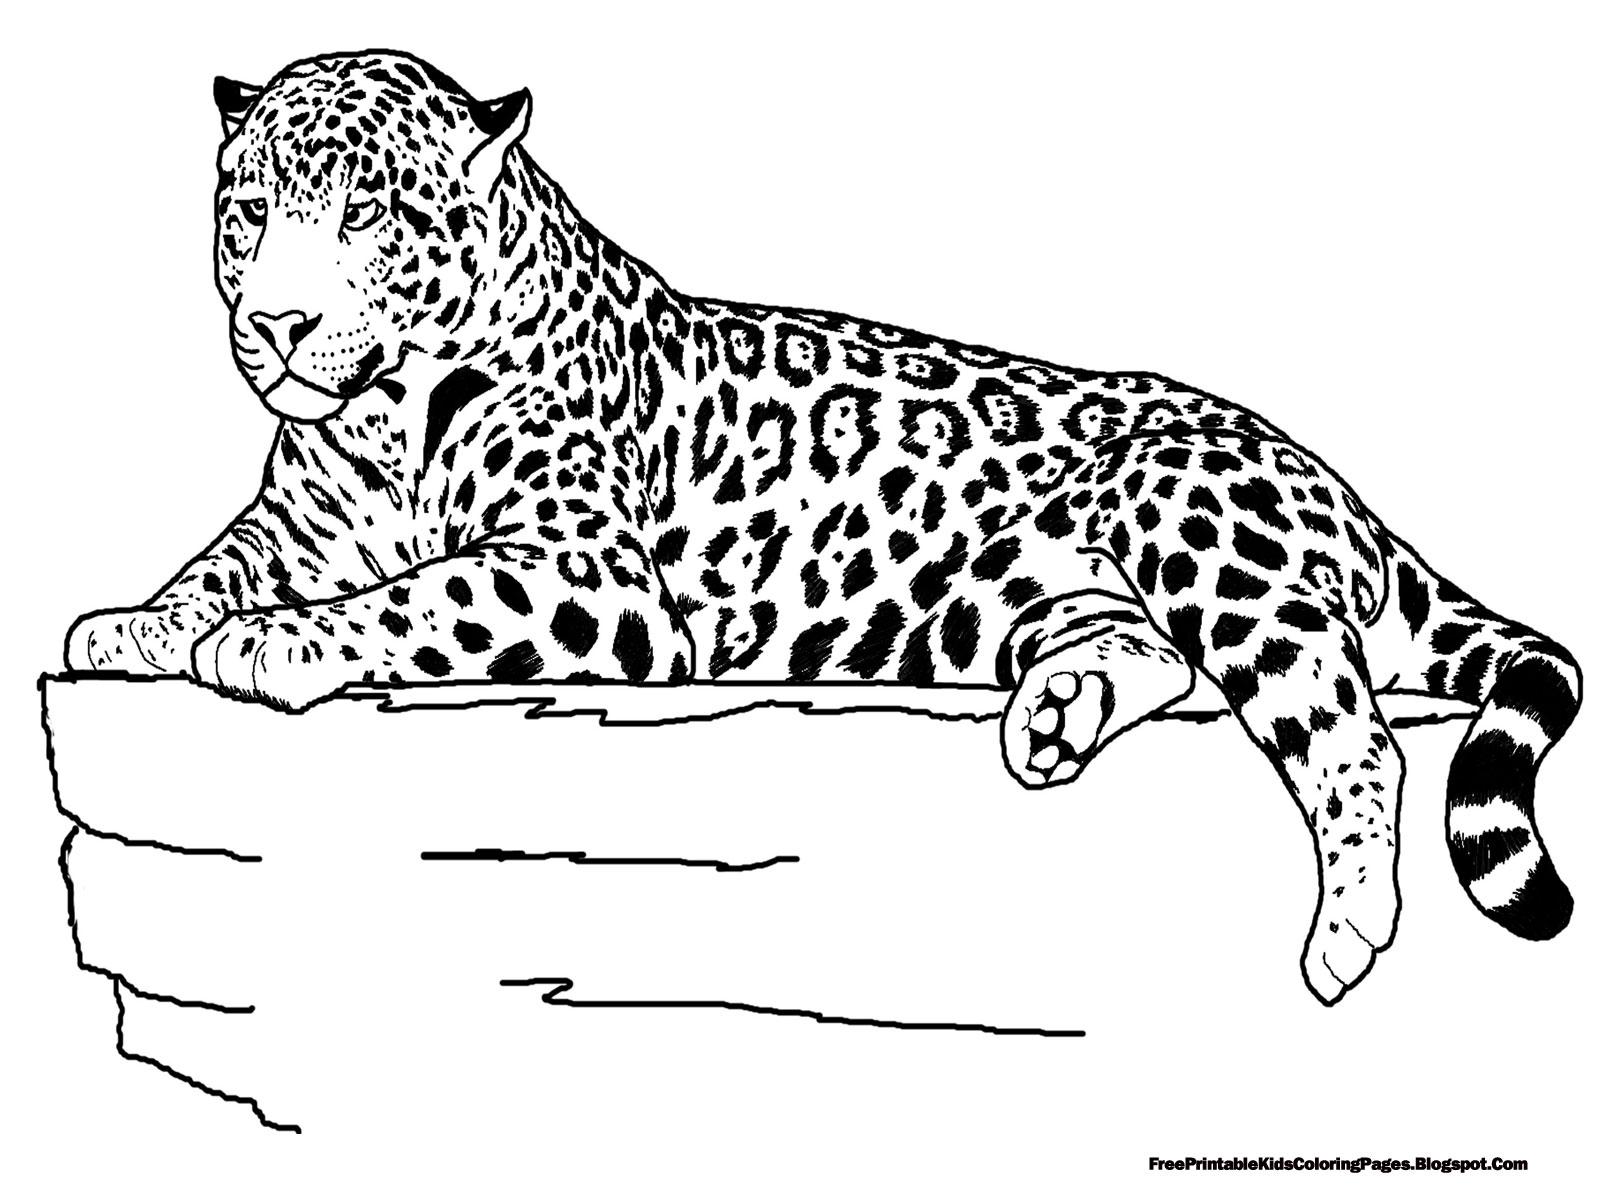 Jaguar Animal Drawing At GetDrawings